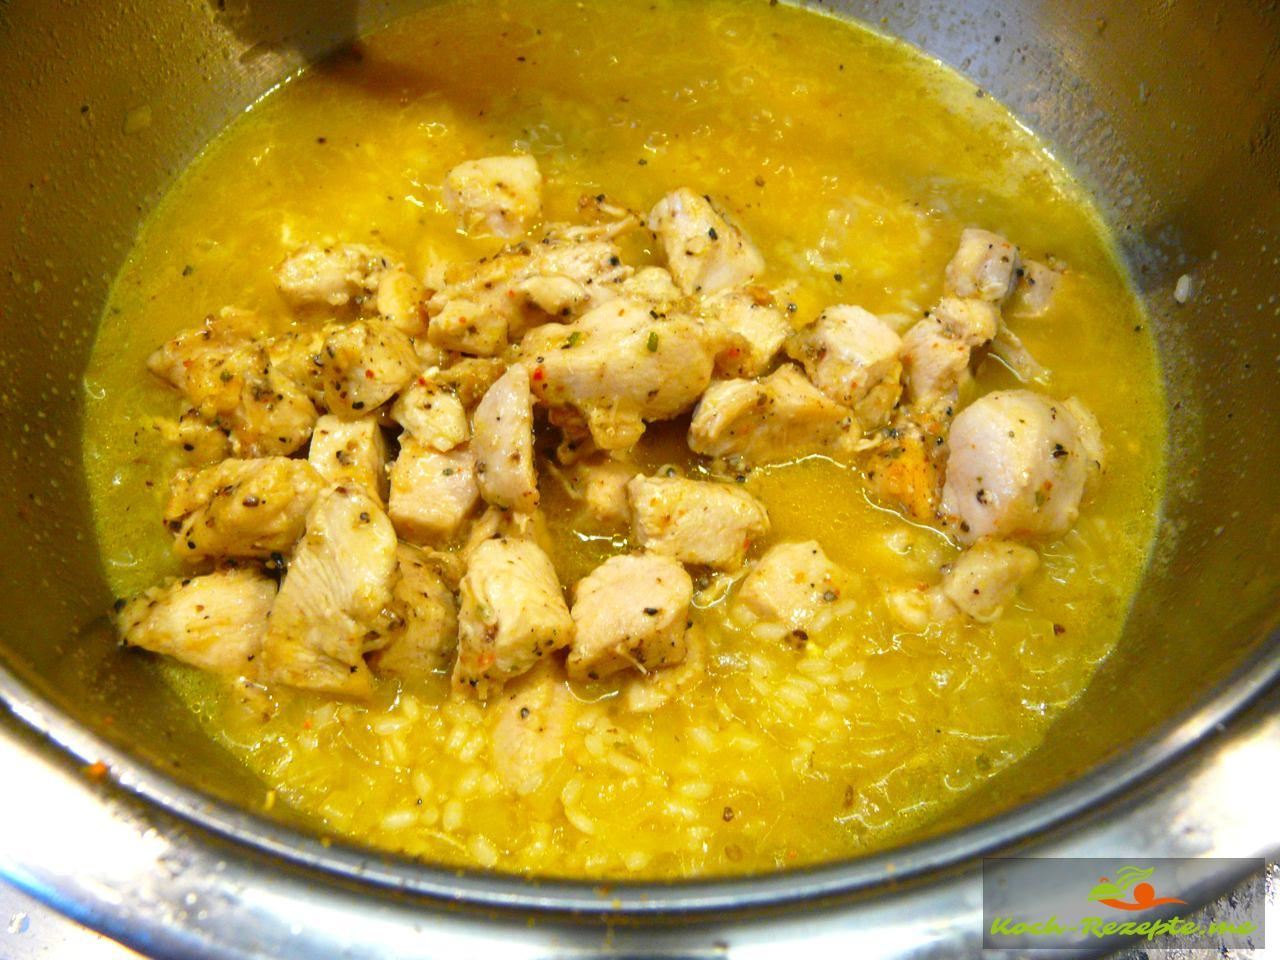 Wenn der Reis gar ist kommt das Hähnchenfleisch dazu und wird aufgekocht für 5 Minuten